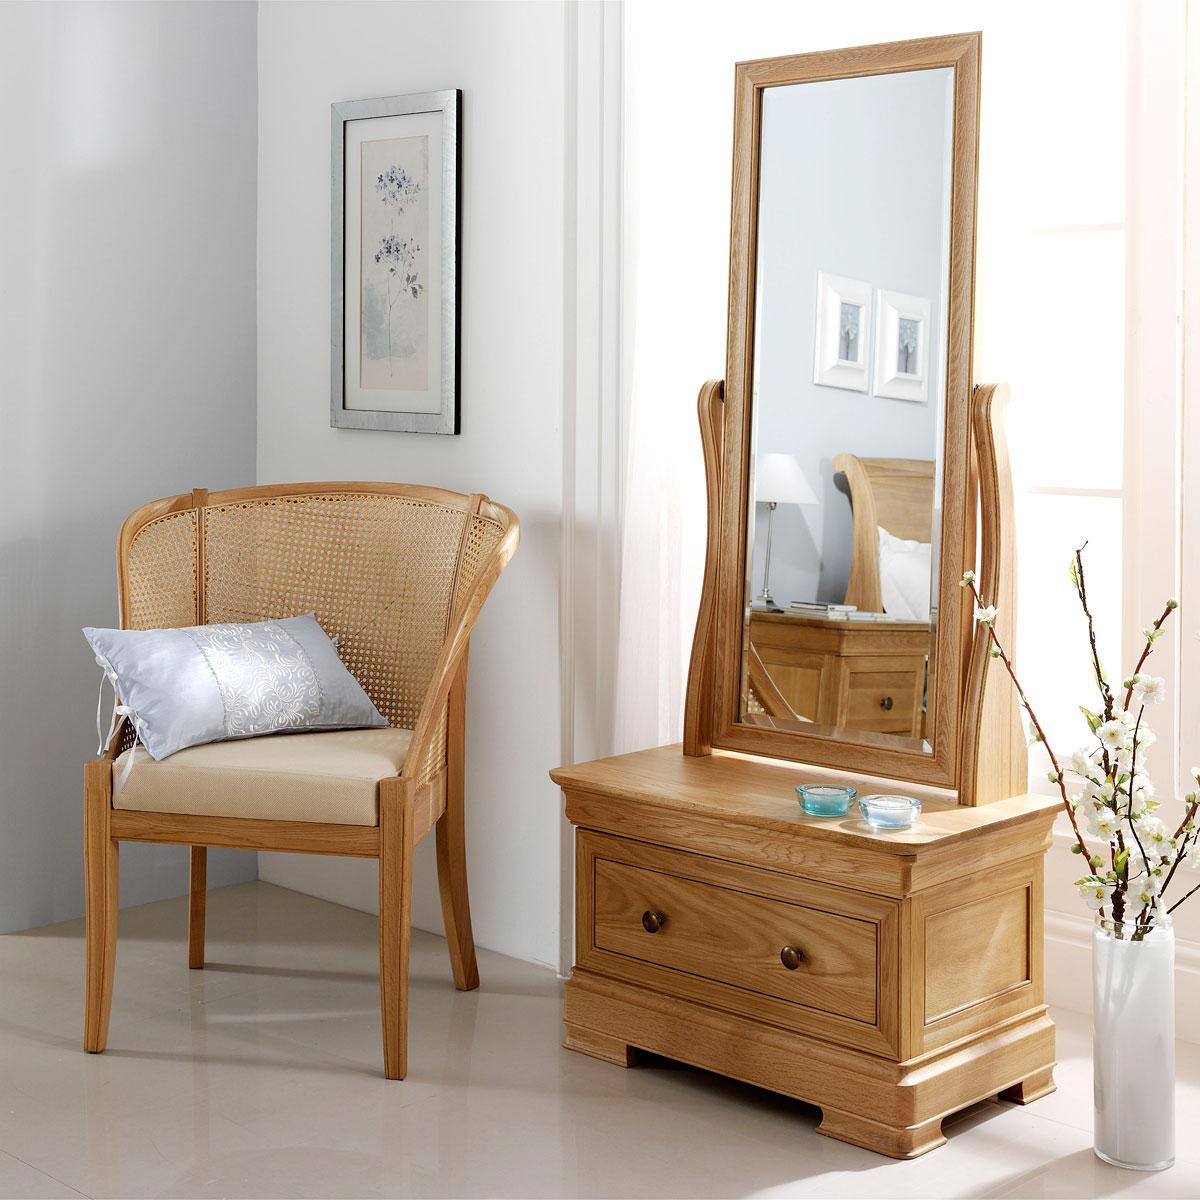 Willis Gambier Dorset Bedroom Furniture: Willis & Gambier Lyon Bedroom Furniture